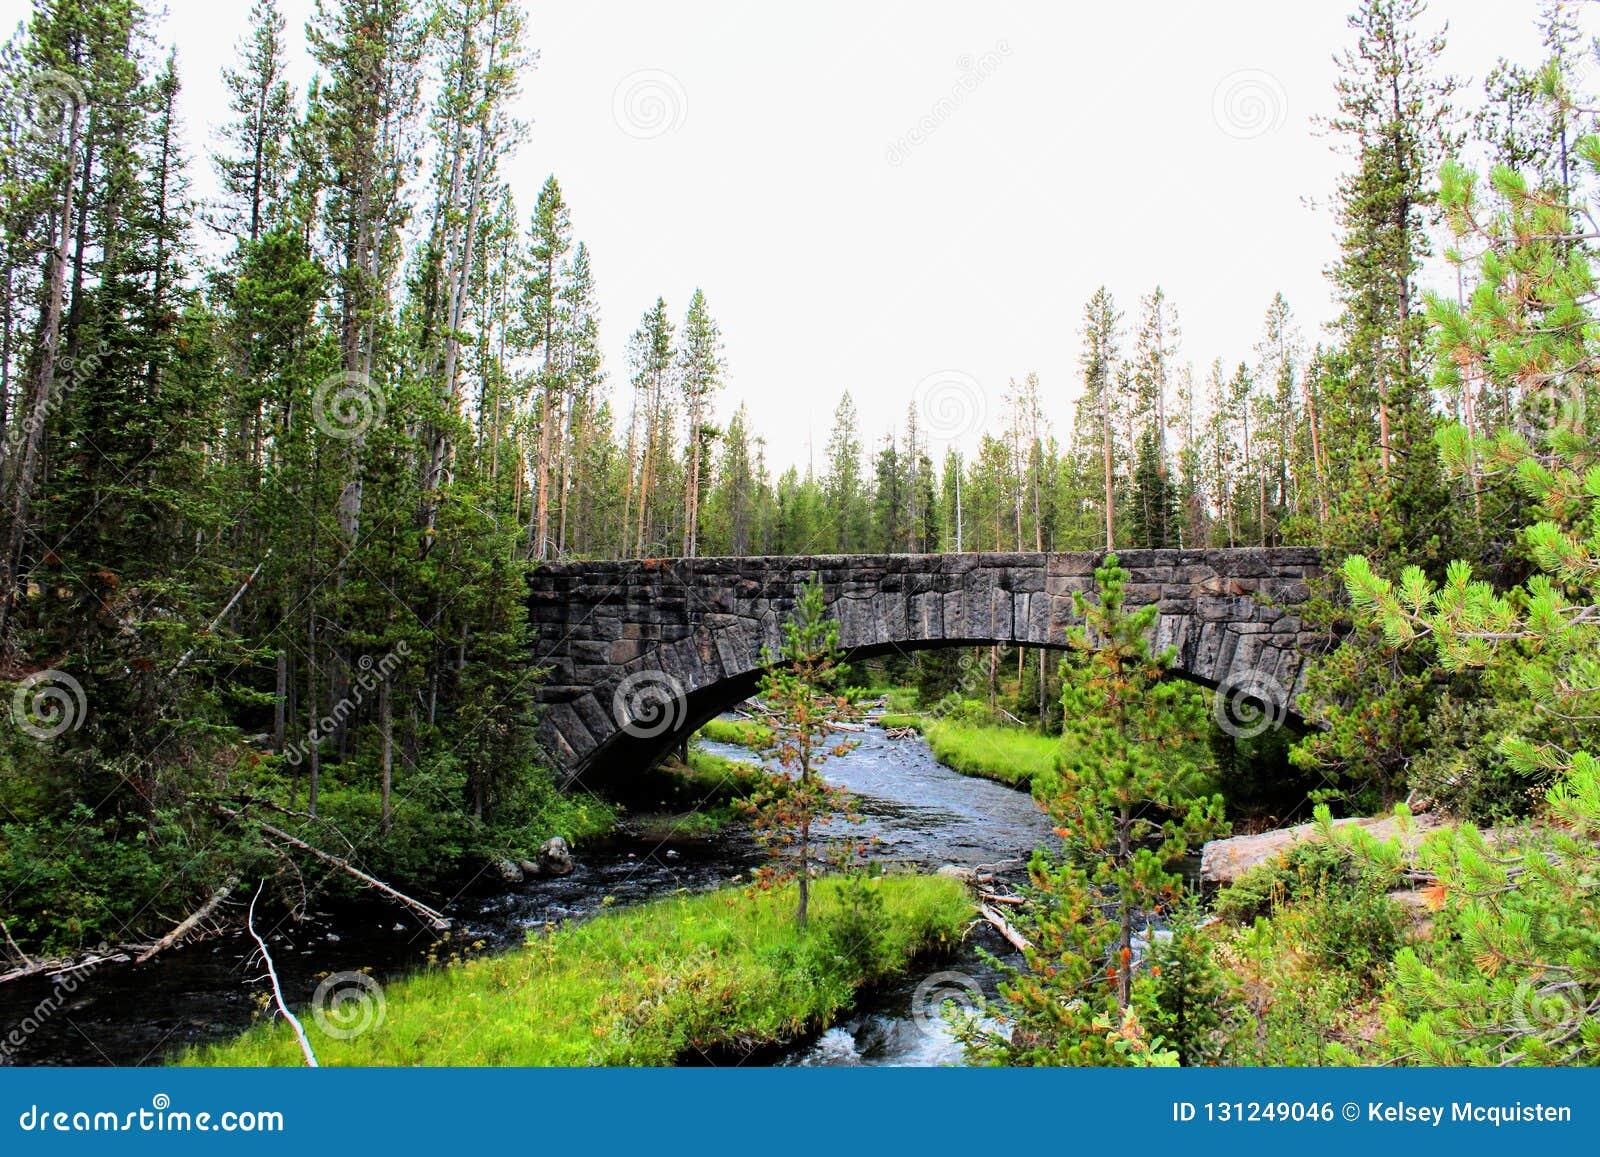 Mooie brug van het Yellowstone de Nationale Park met rotsen en mos en bossen schitterende kleuren